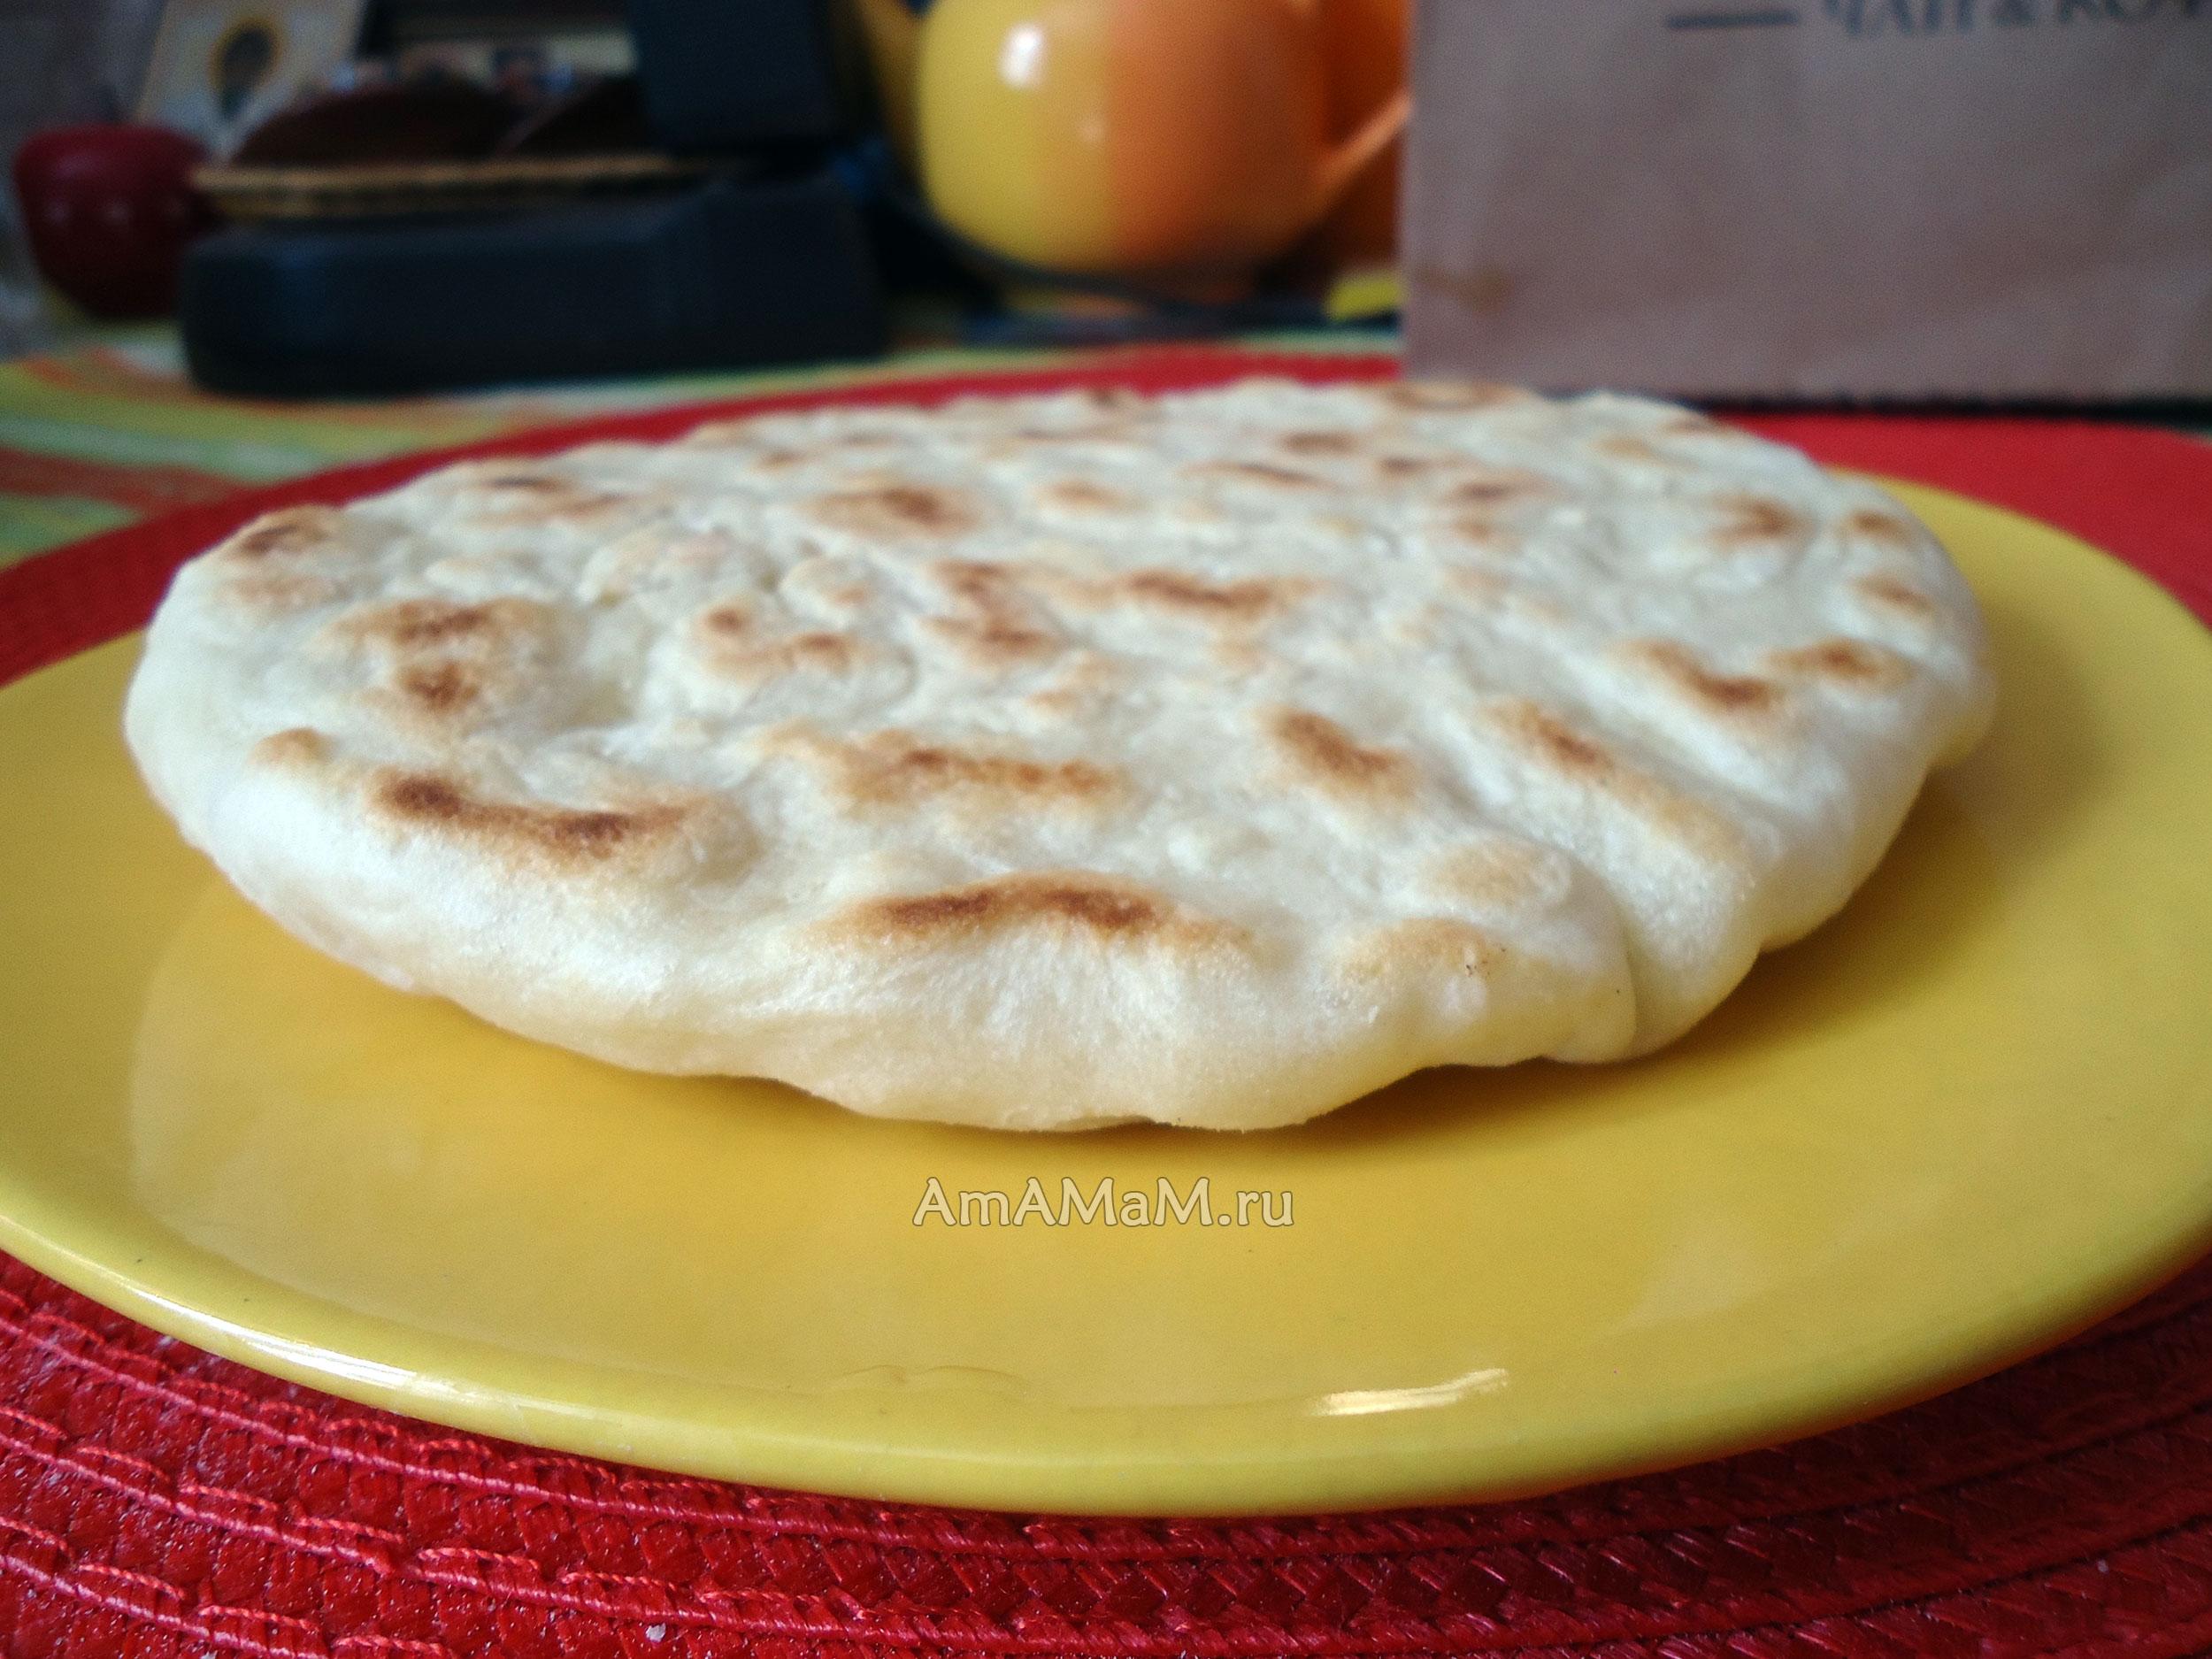 Узбекские лепешки без дрожжей на воде на сковороде — 2